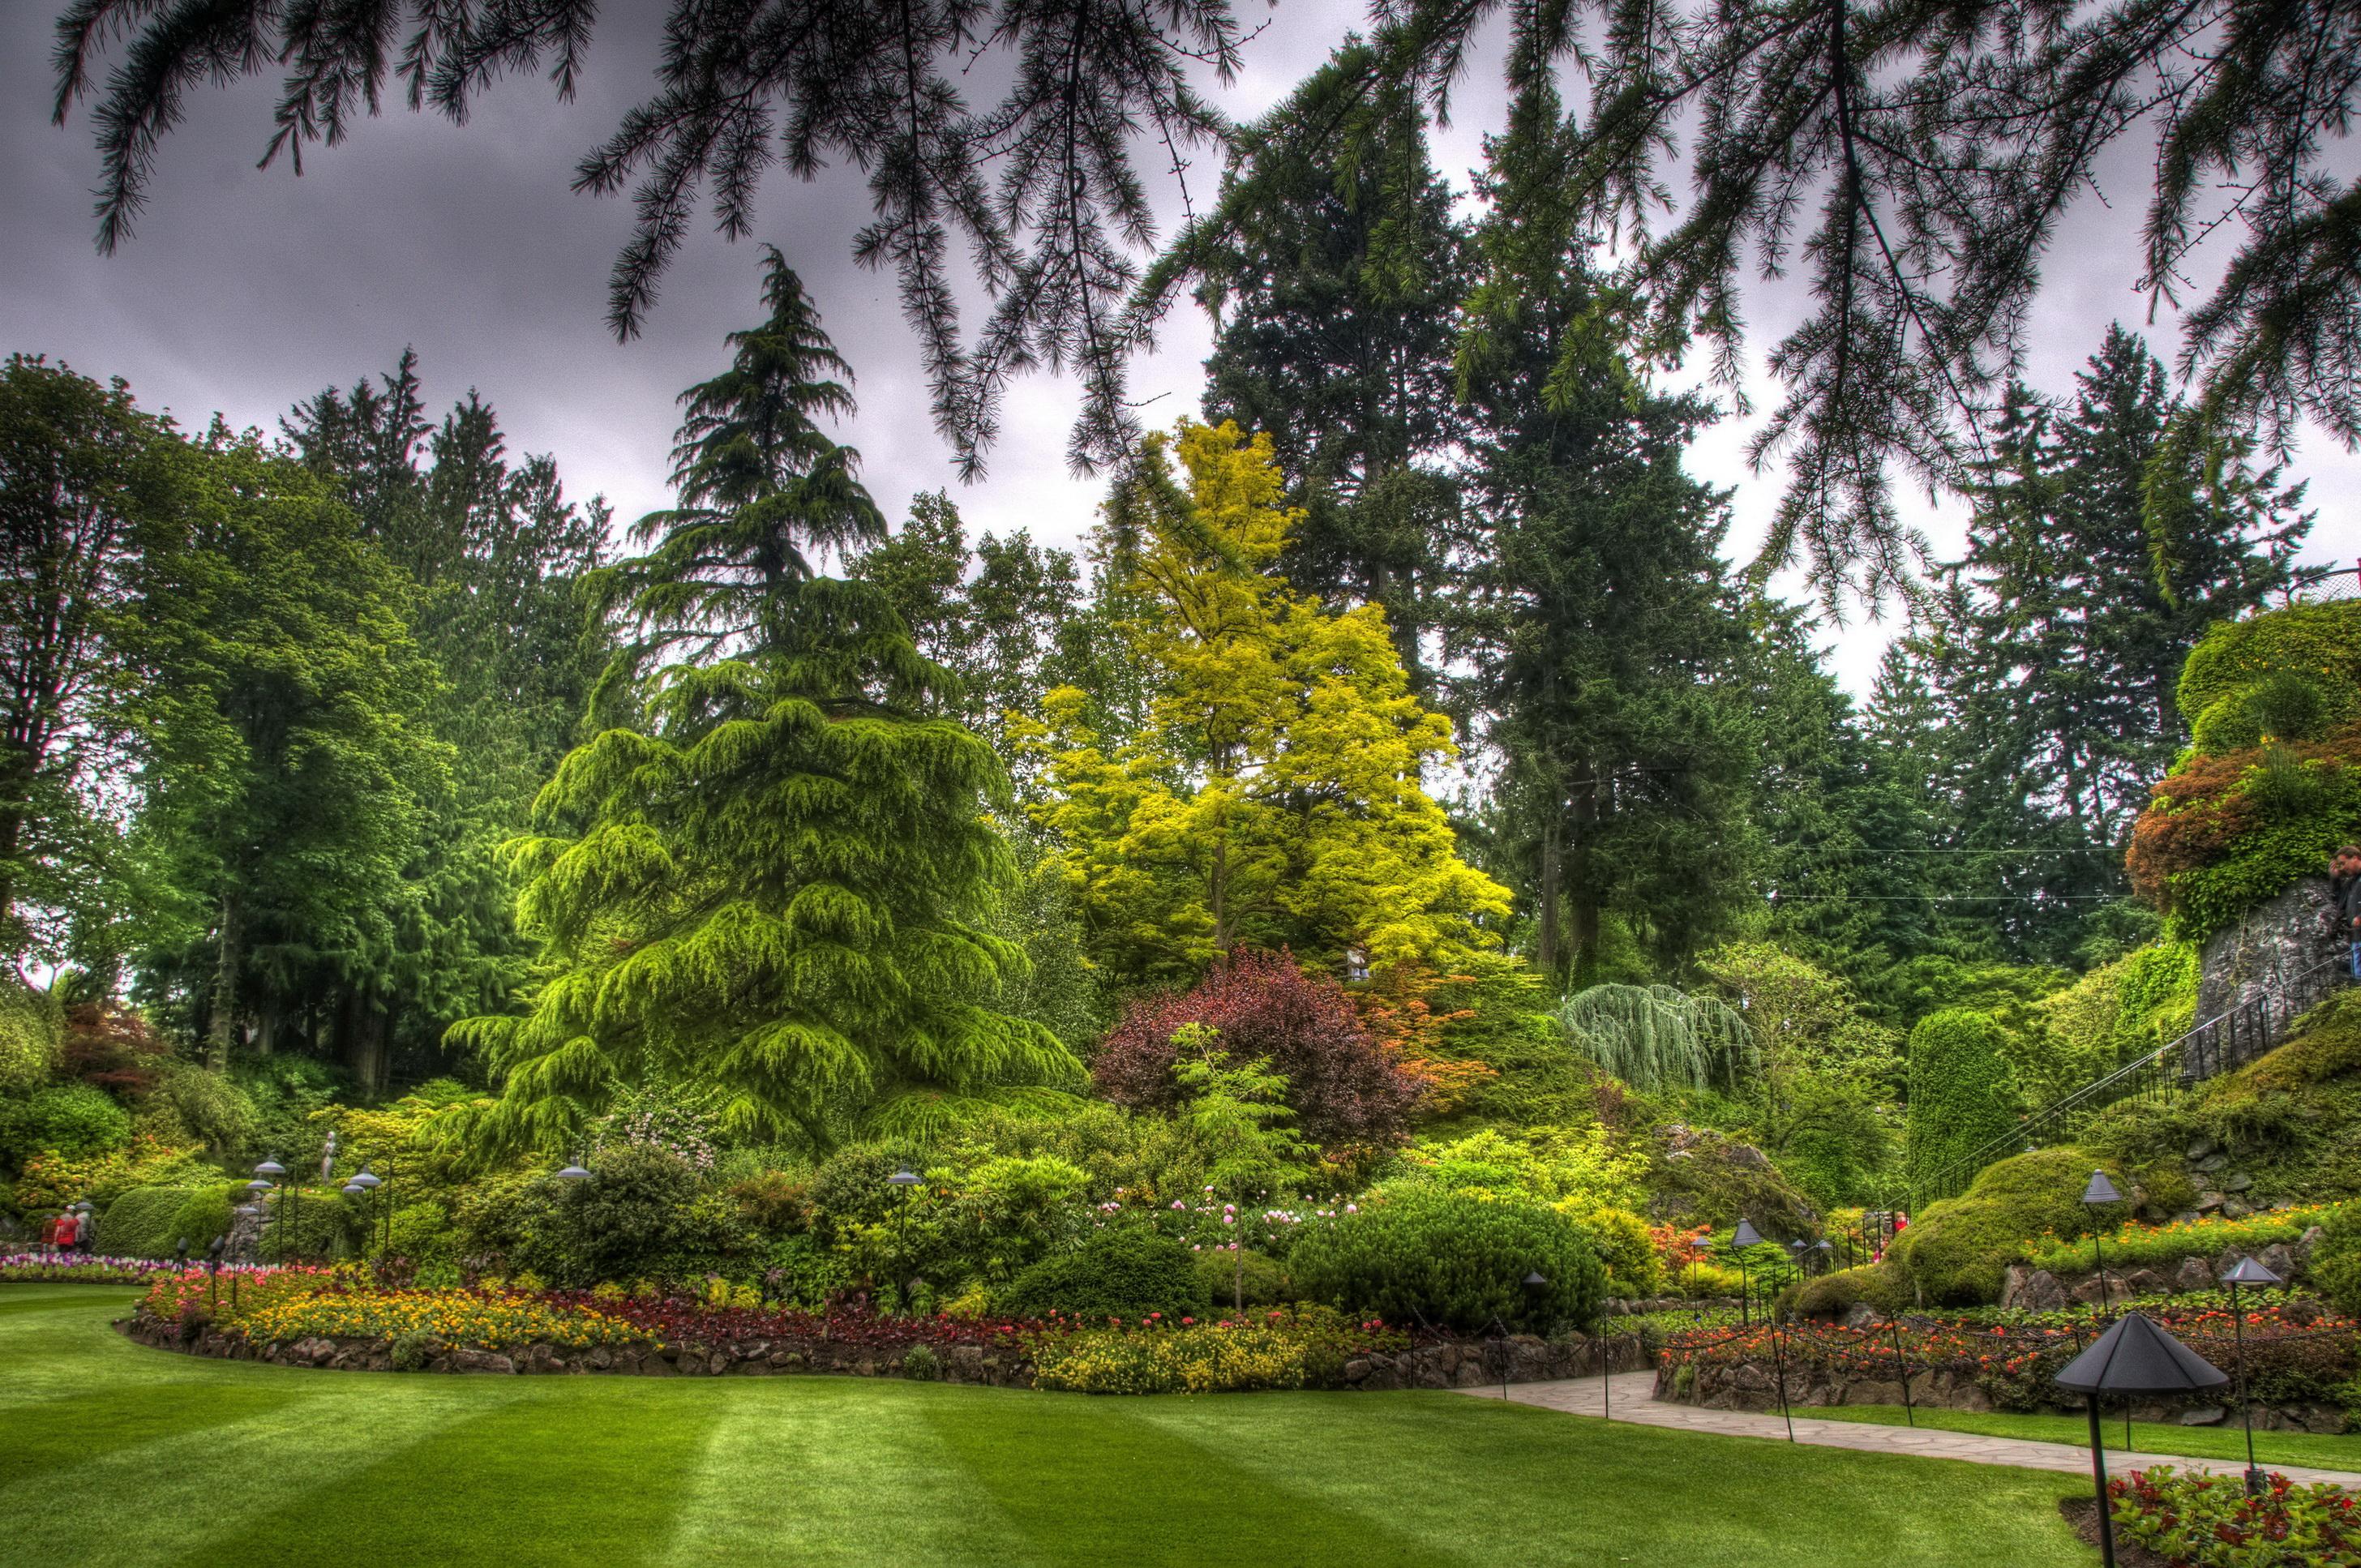 fonds d 39 ecran jardins am nagement paysager canada butchart victoria herbe branche hdr design. Black Bedroom Furniture Sets. Home Design Ideas